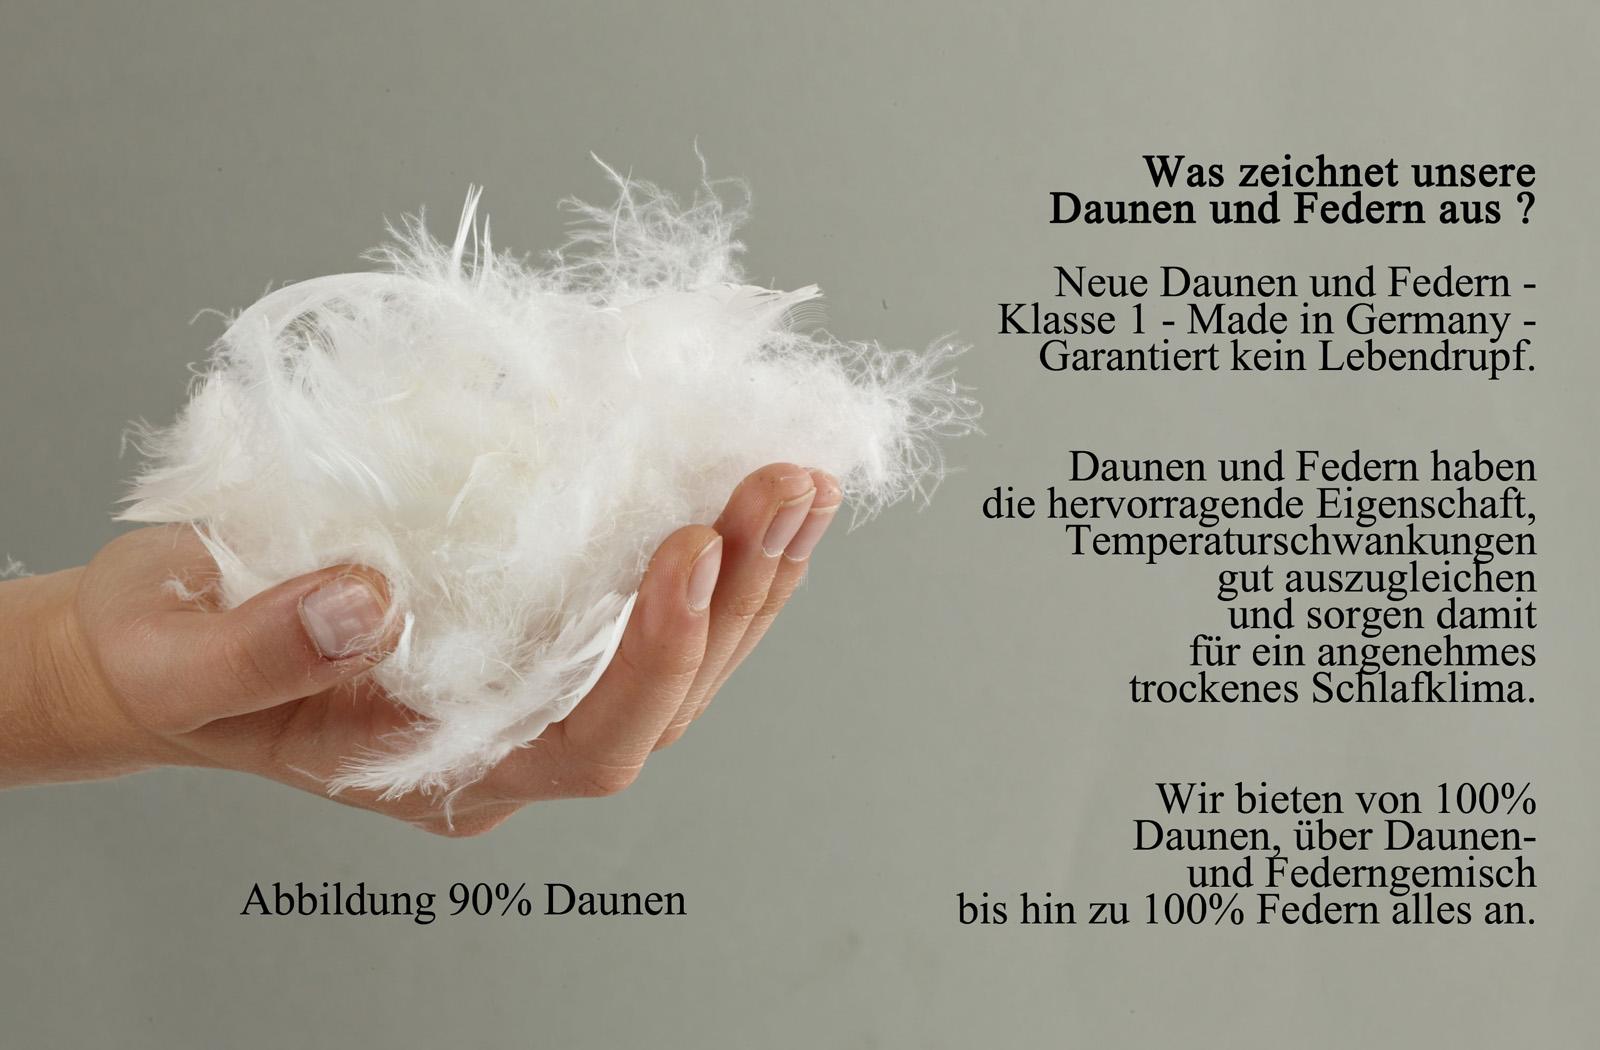 3-Kammer Kopfkissen Premium Kissen Daunen Federn Klasse 1  80x80 Carla – Bild 2